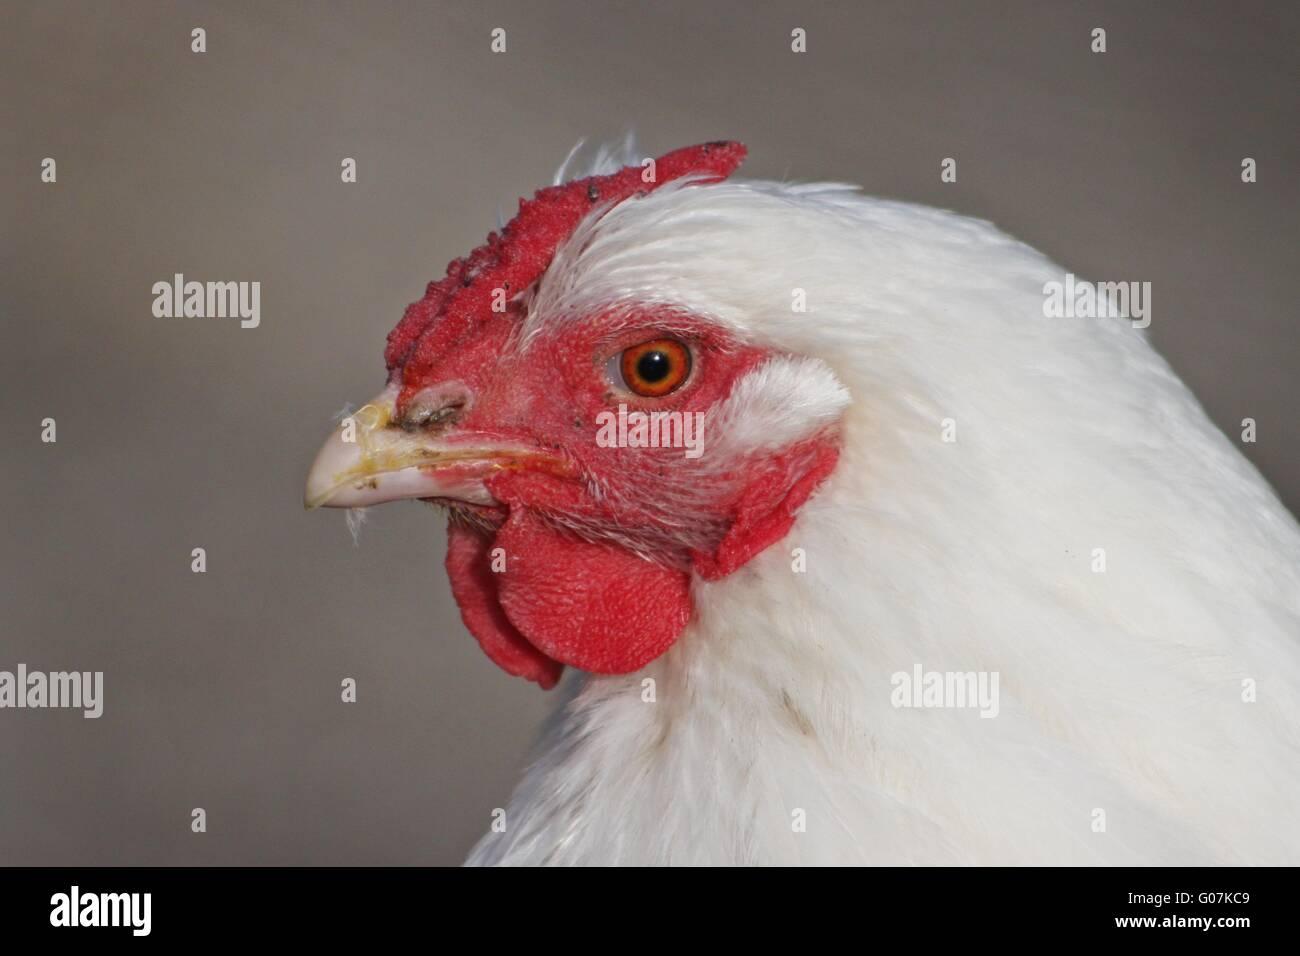 Huhn Stockbild